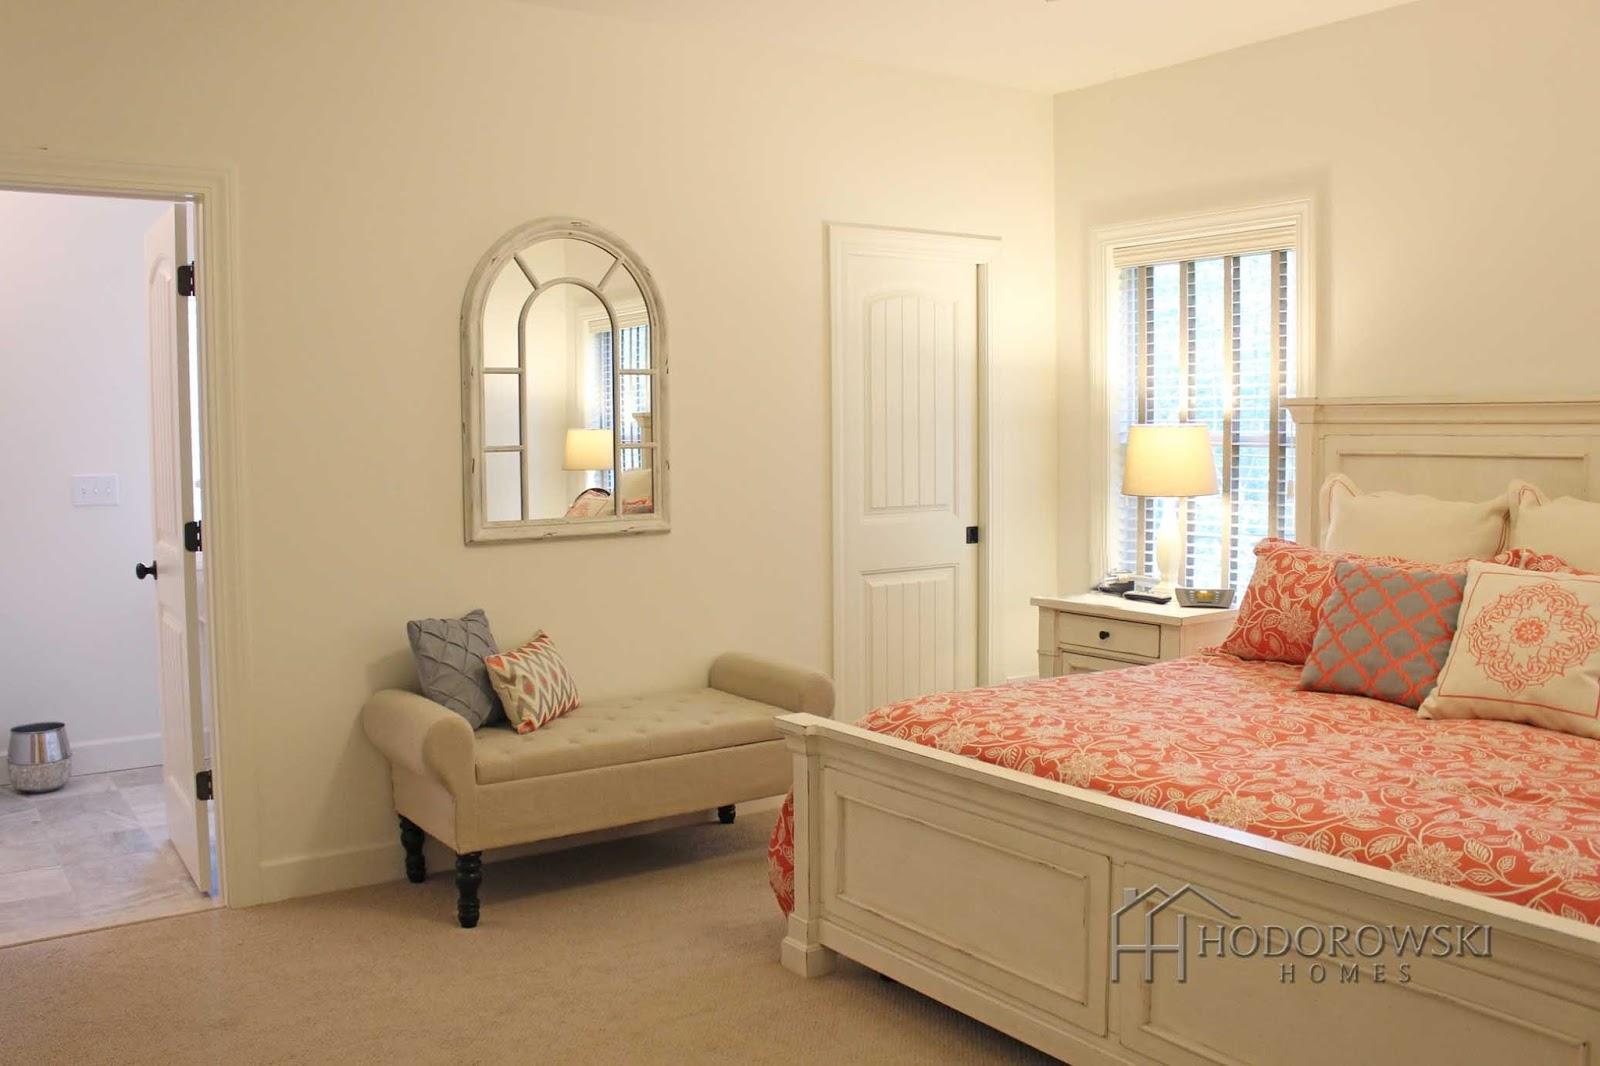 Hodorowski Homes A Look Inside A Hodorowski Home The Stanton Design